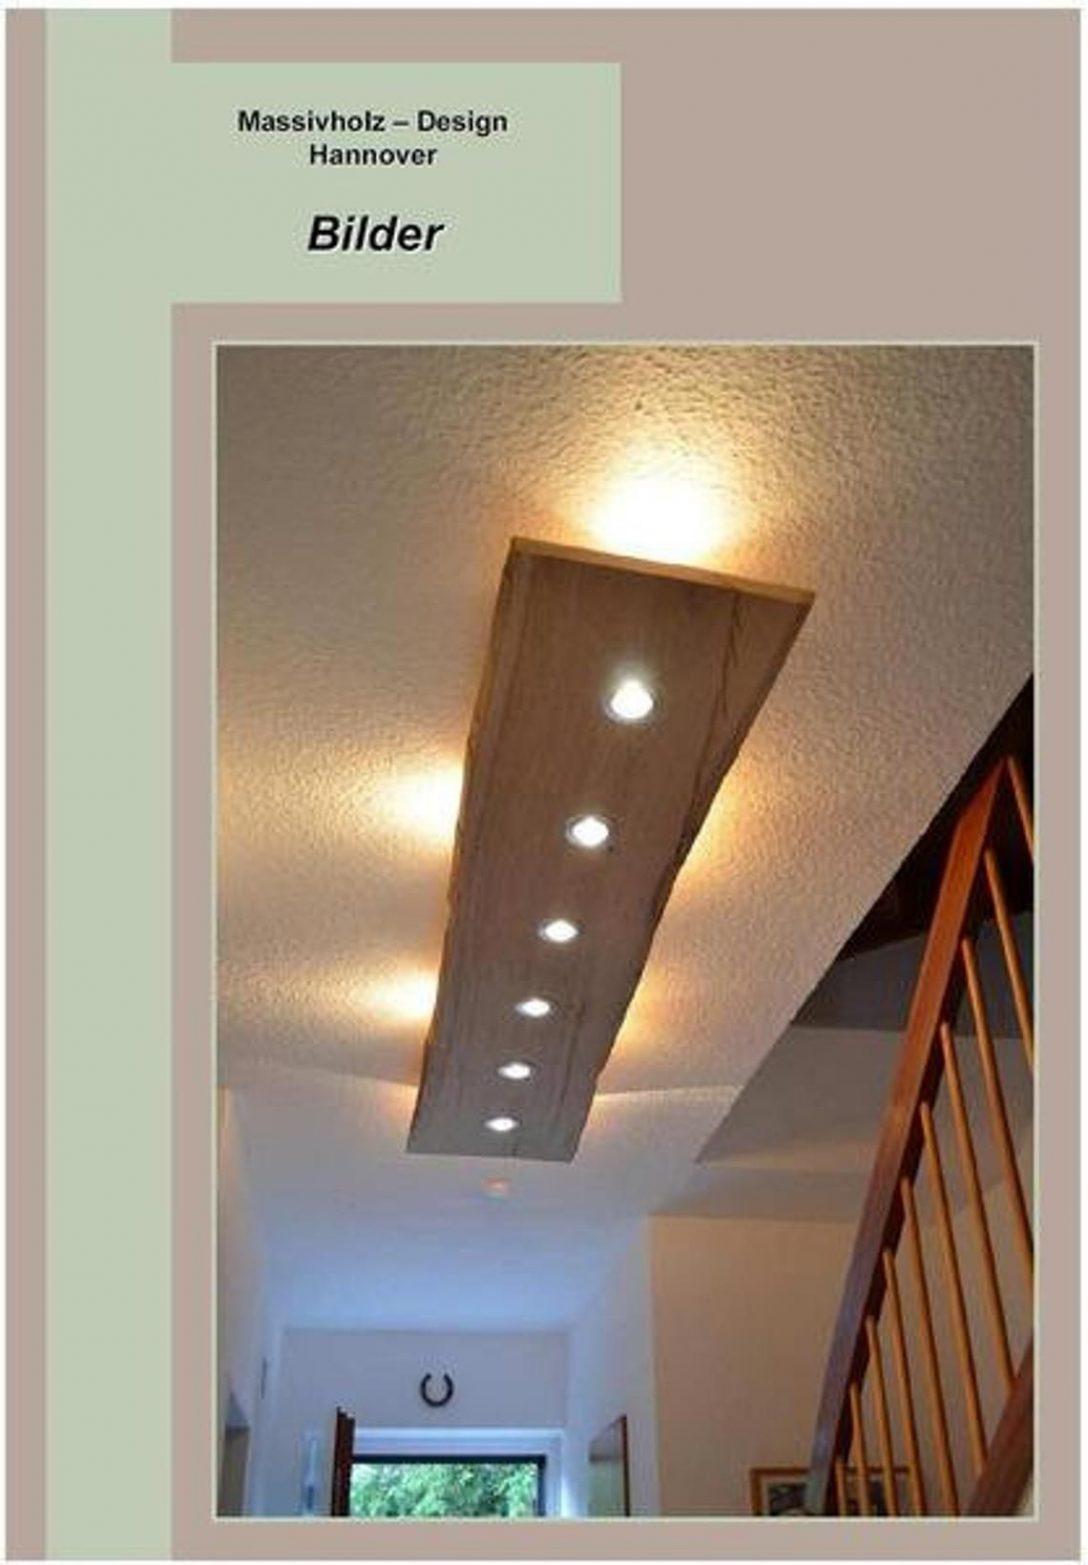 Large Size of Lampe Wohnzimmer Massiv Holz Design Decken Led In 2019 Lampen Deckenlampe Spiegellampe Bad Badezimmer Decke Deckenlampen Wandtattoos Deckenstrahler Rollo Wohnzimmer Lampe Wohnzimmer